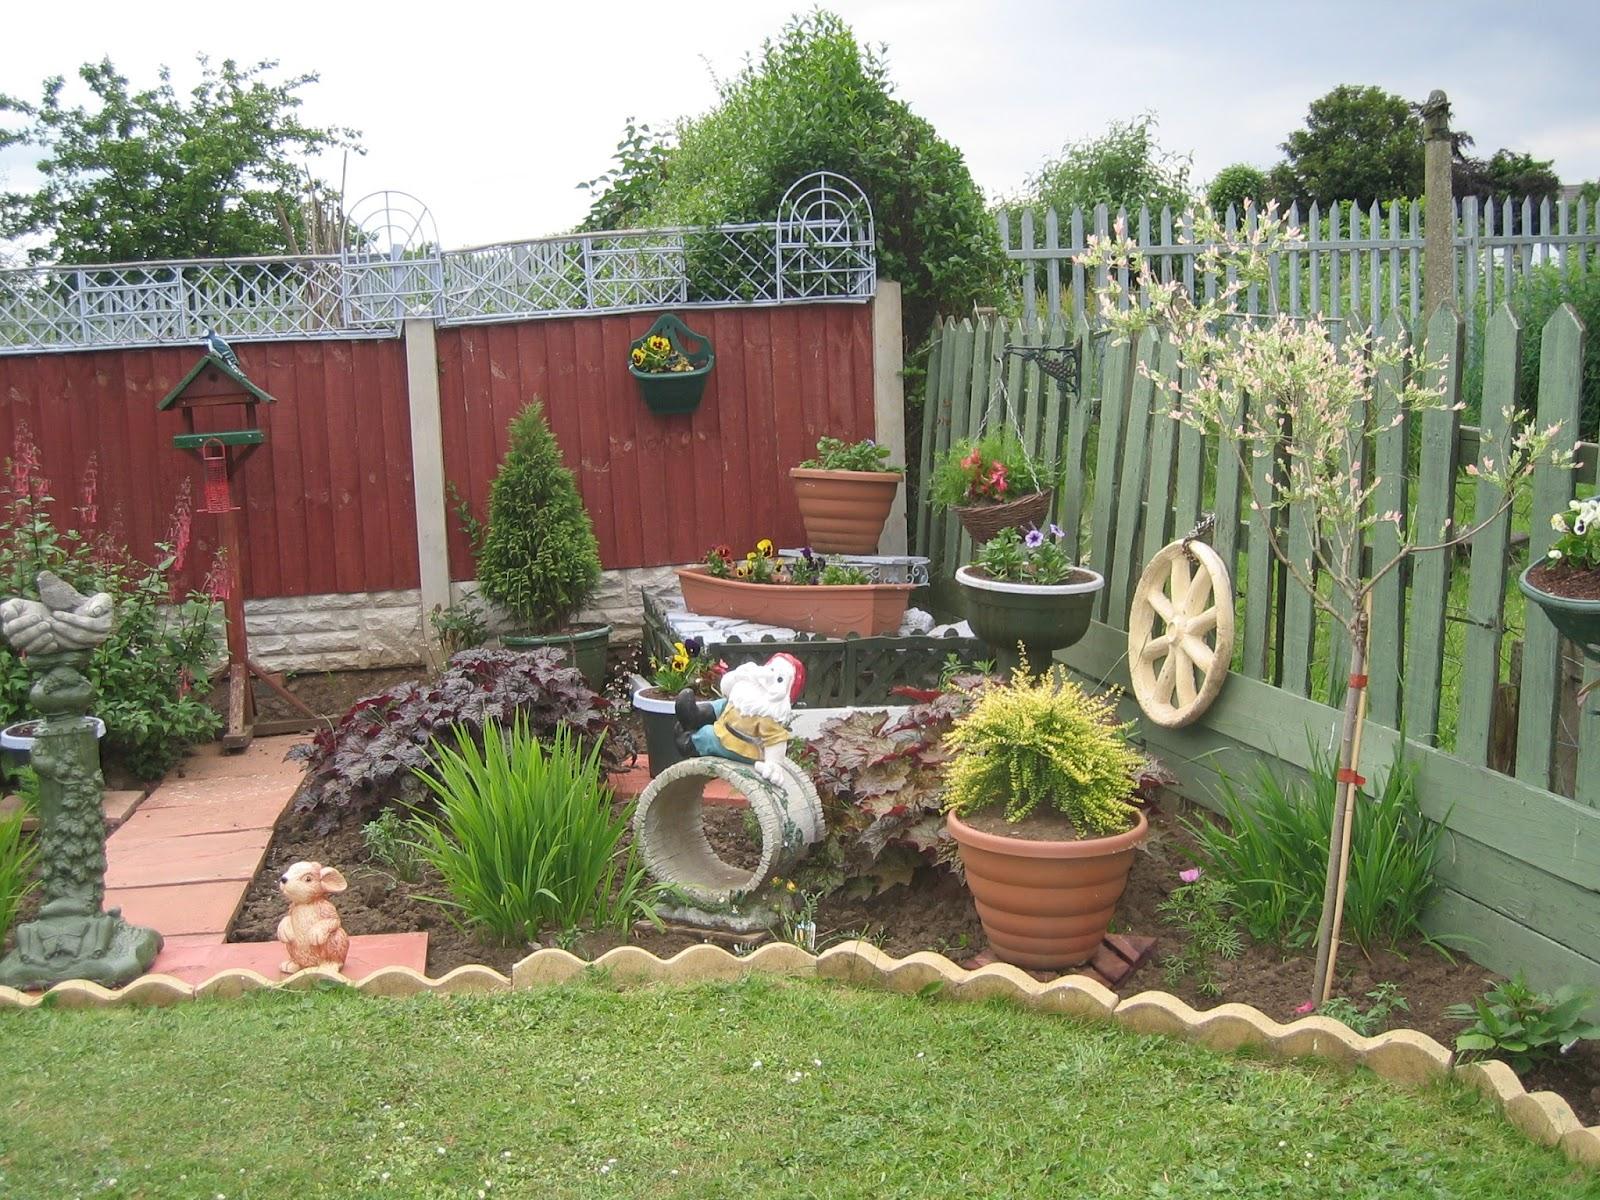 Ландшафтный дизайн сада огорода дачного участка своими руками